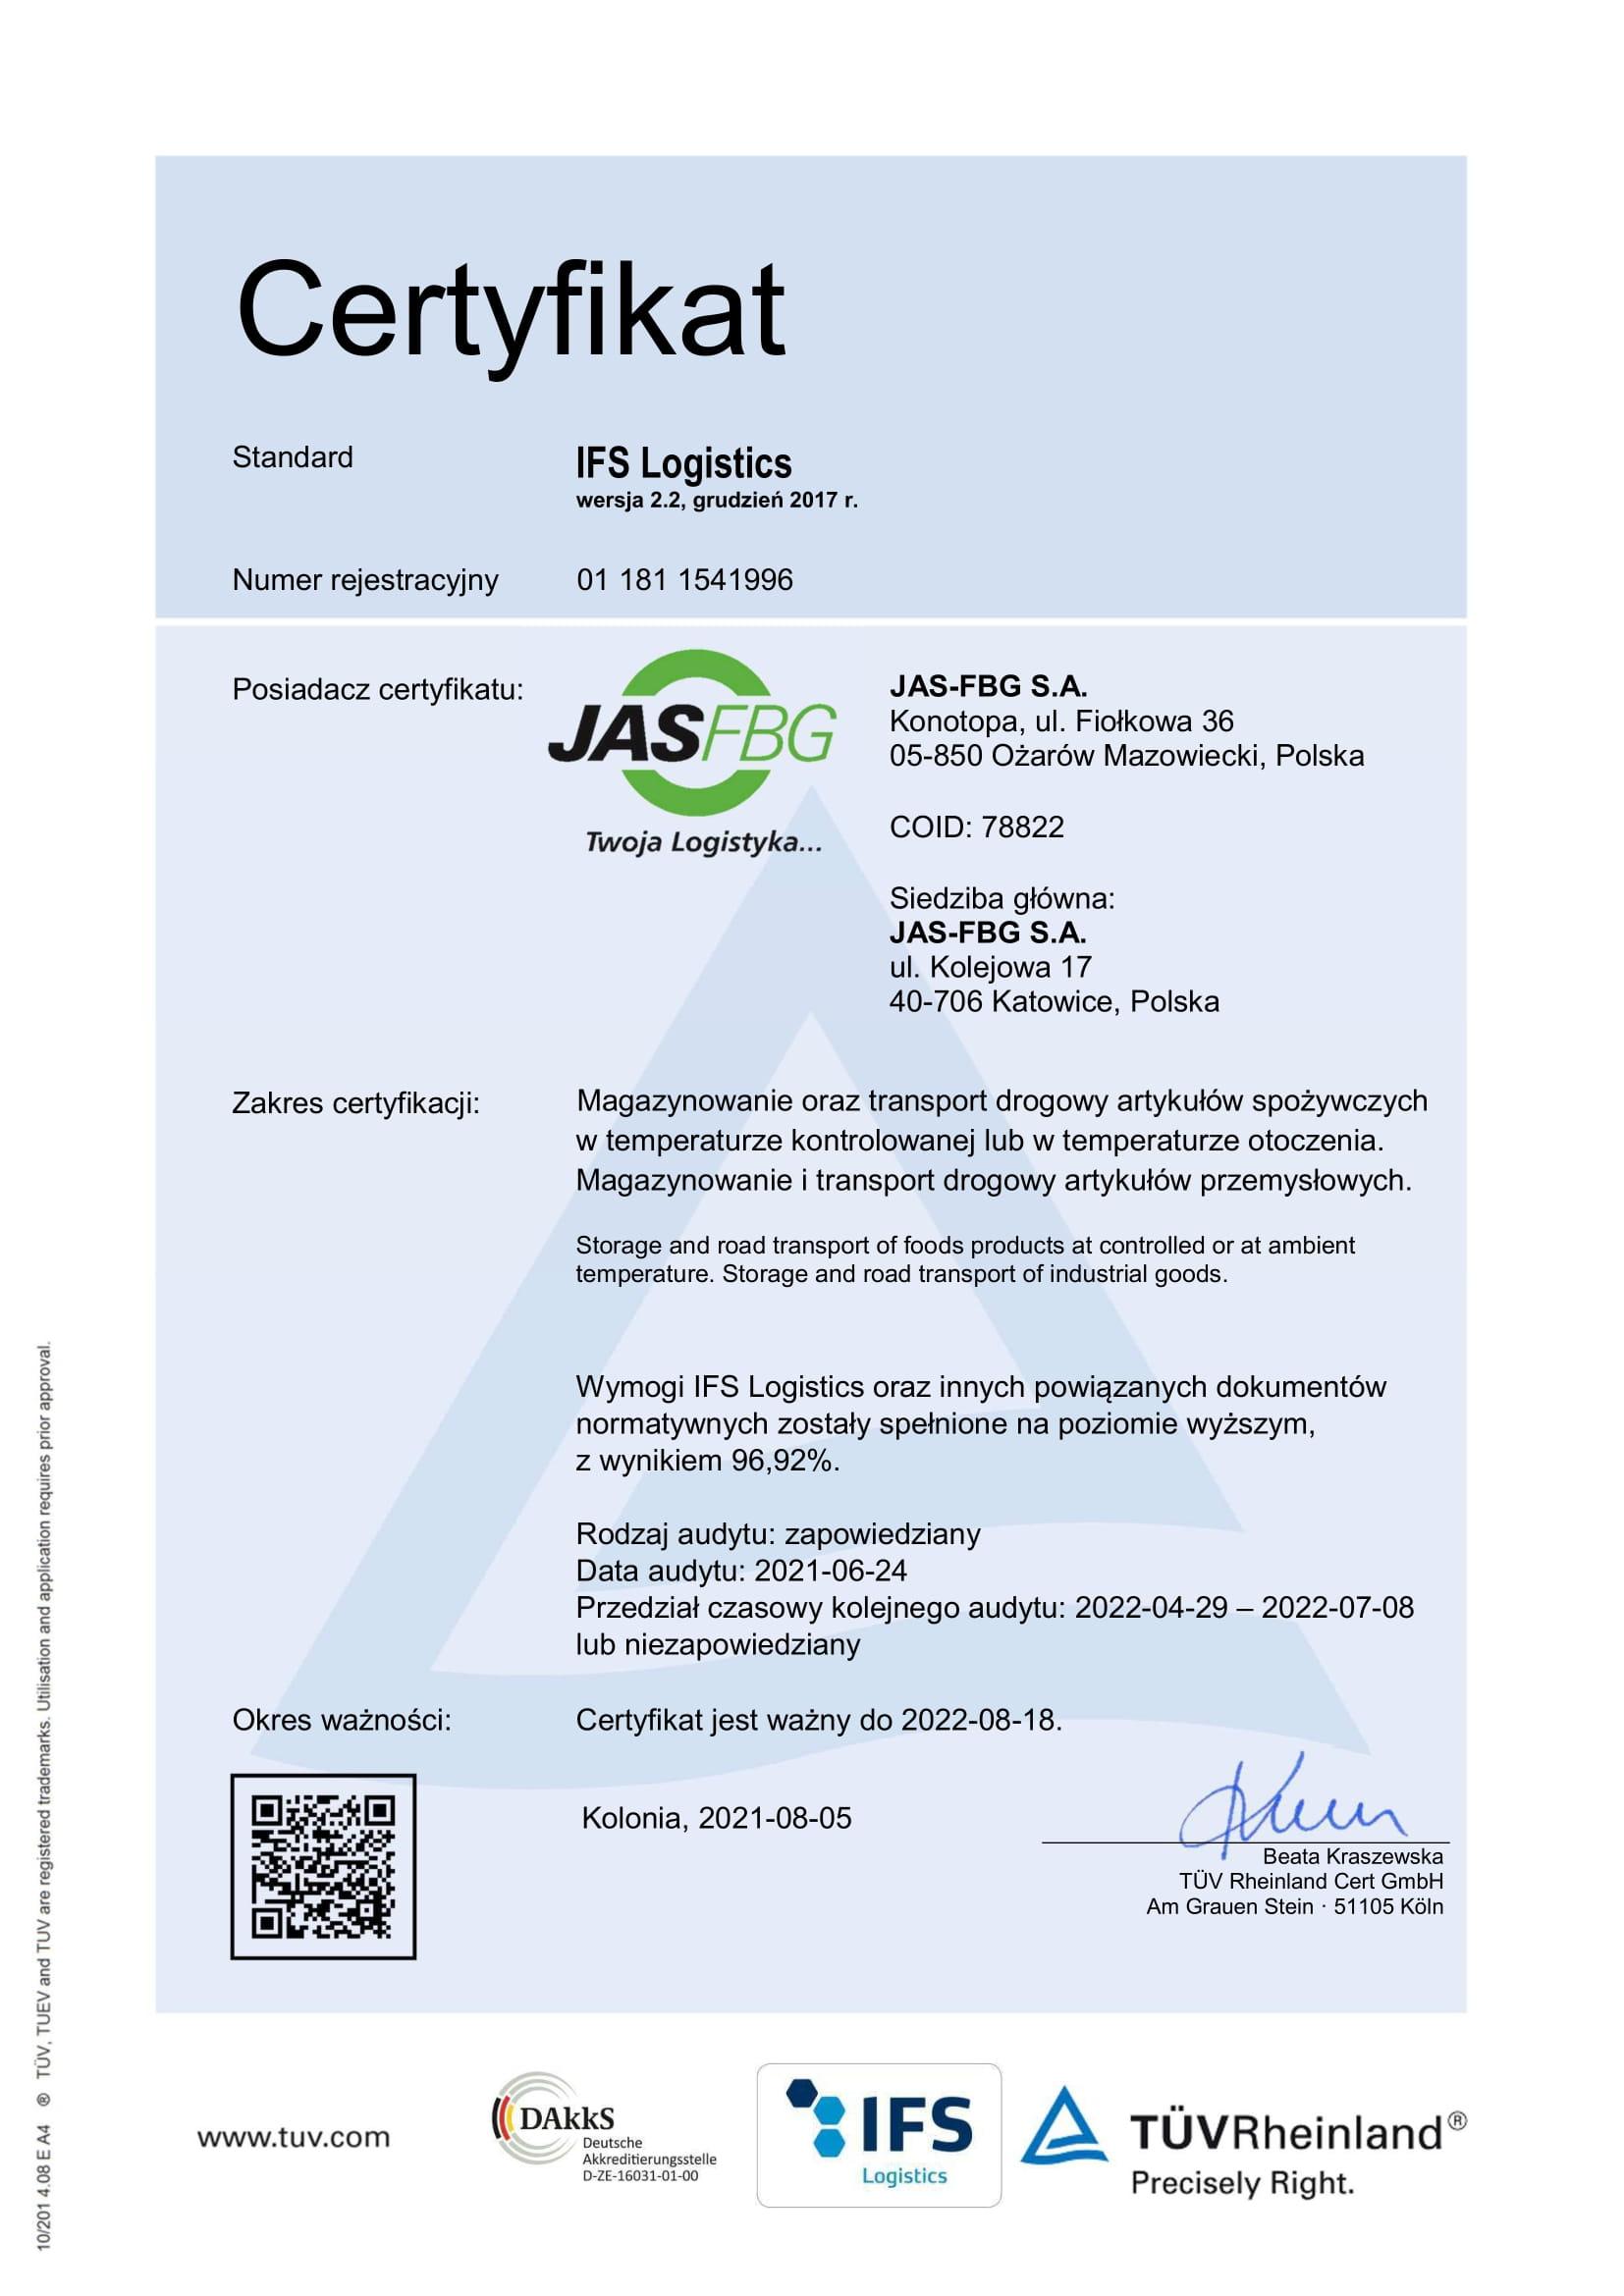 JAS_2021_IFS_Konotopa_pl